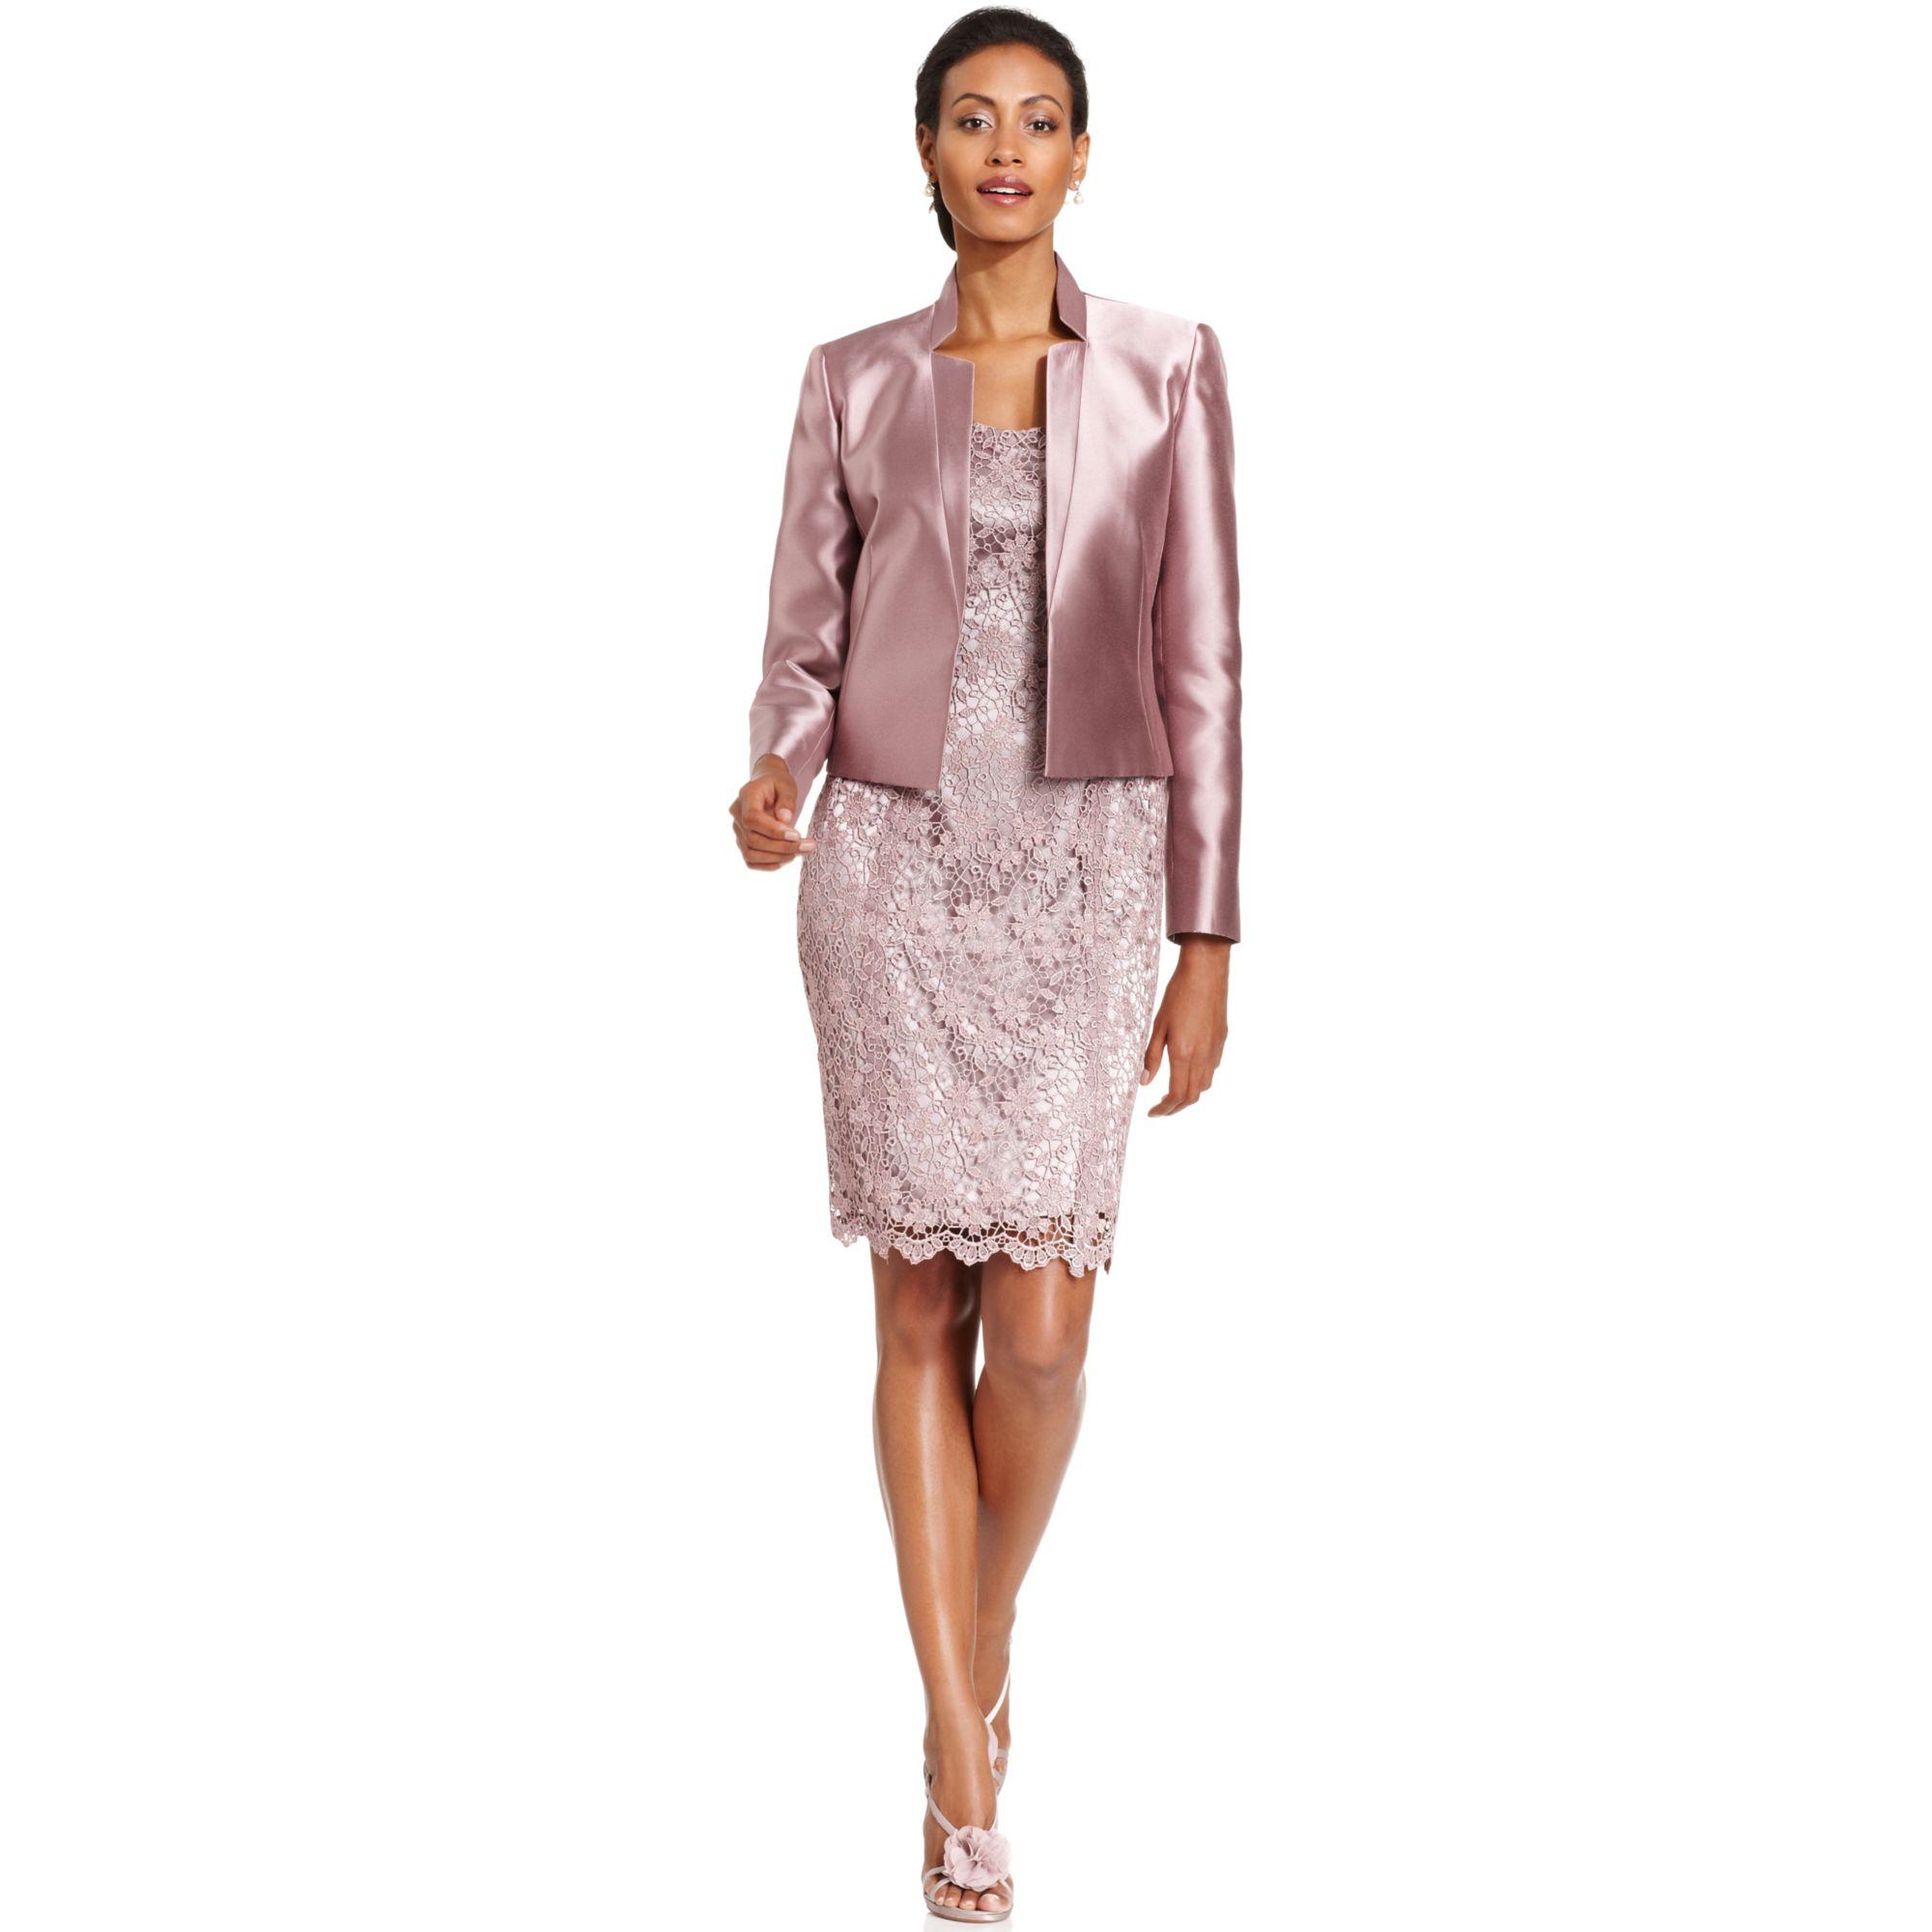 Lace Open Front Jacket Lace Dress